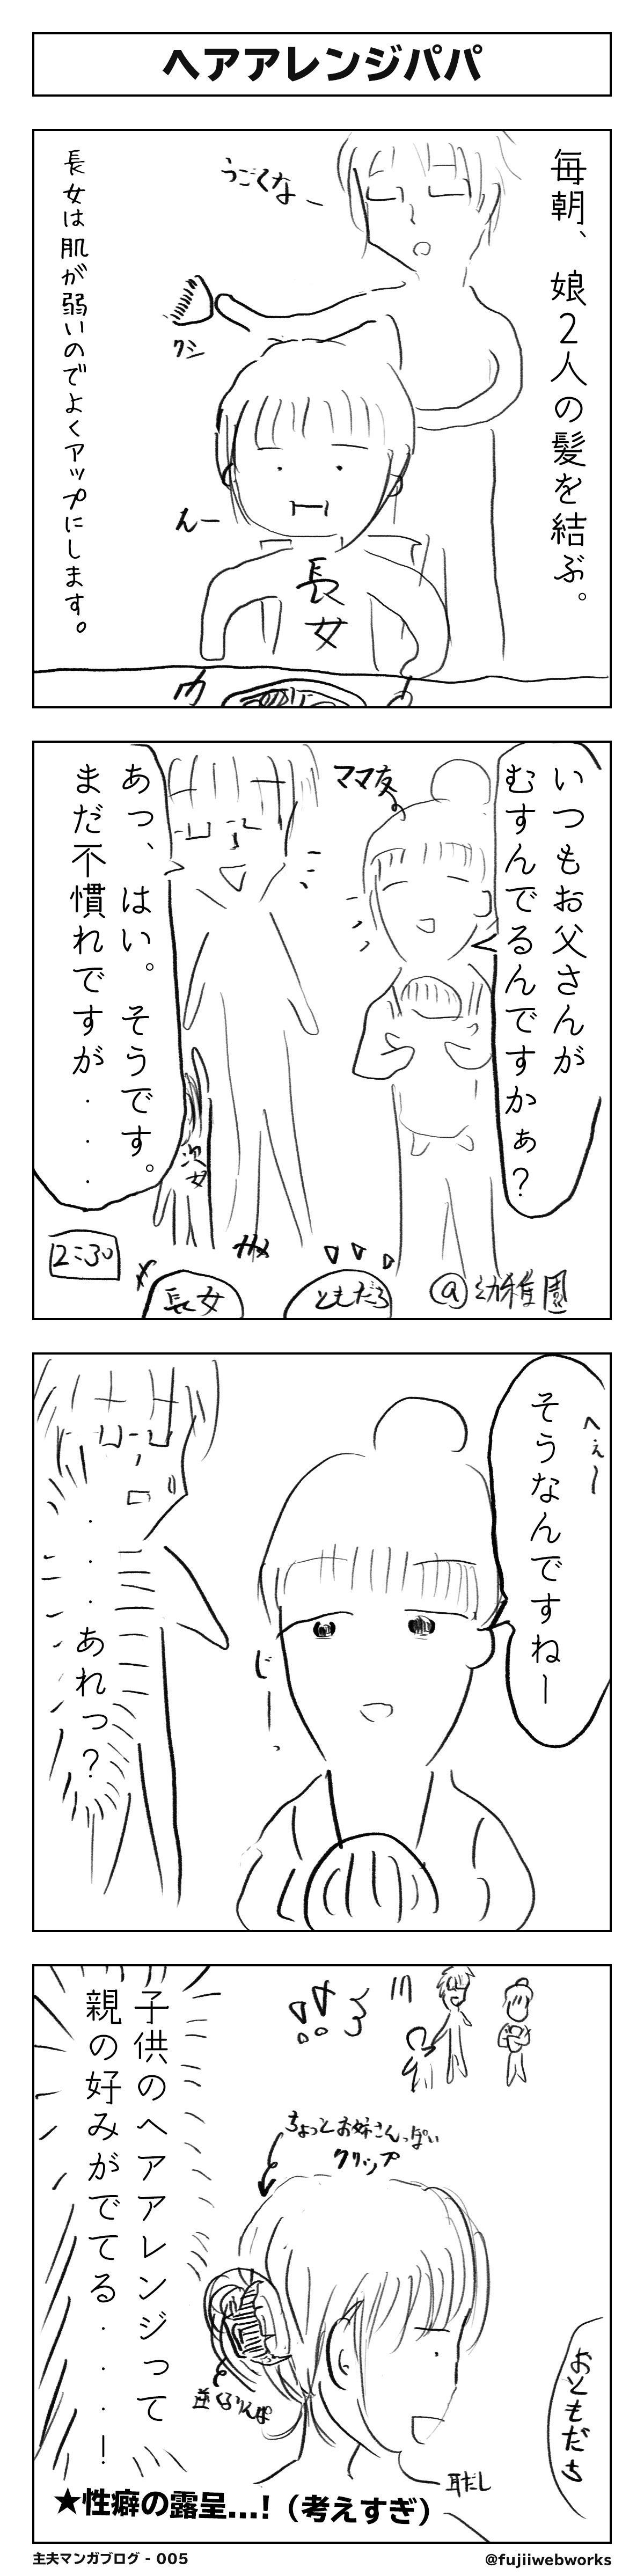 『ヘアアレンジパパ』【主夫マンガブログ – 005】